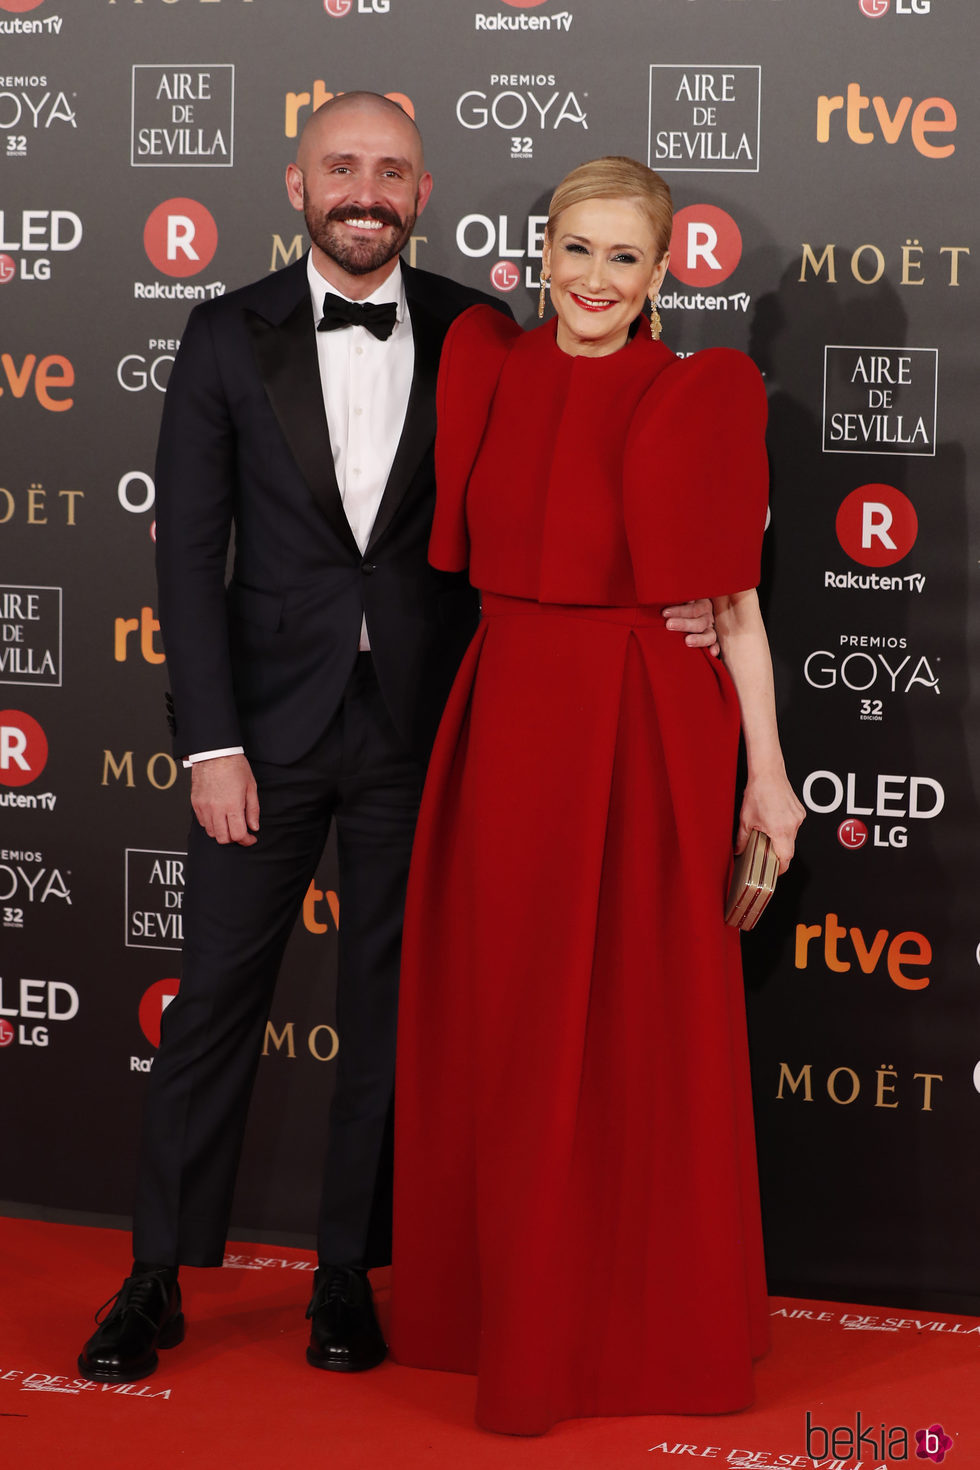 Cristina Cifuentes y Jaime de los Santos en la alfombra roja de los Premios Goya 2018